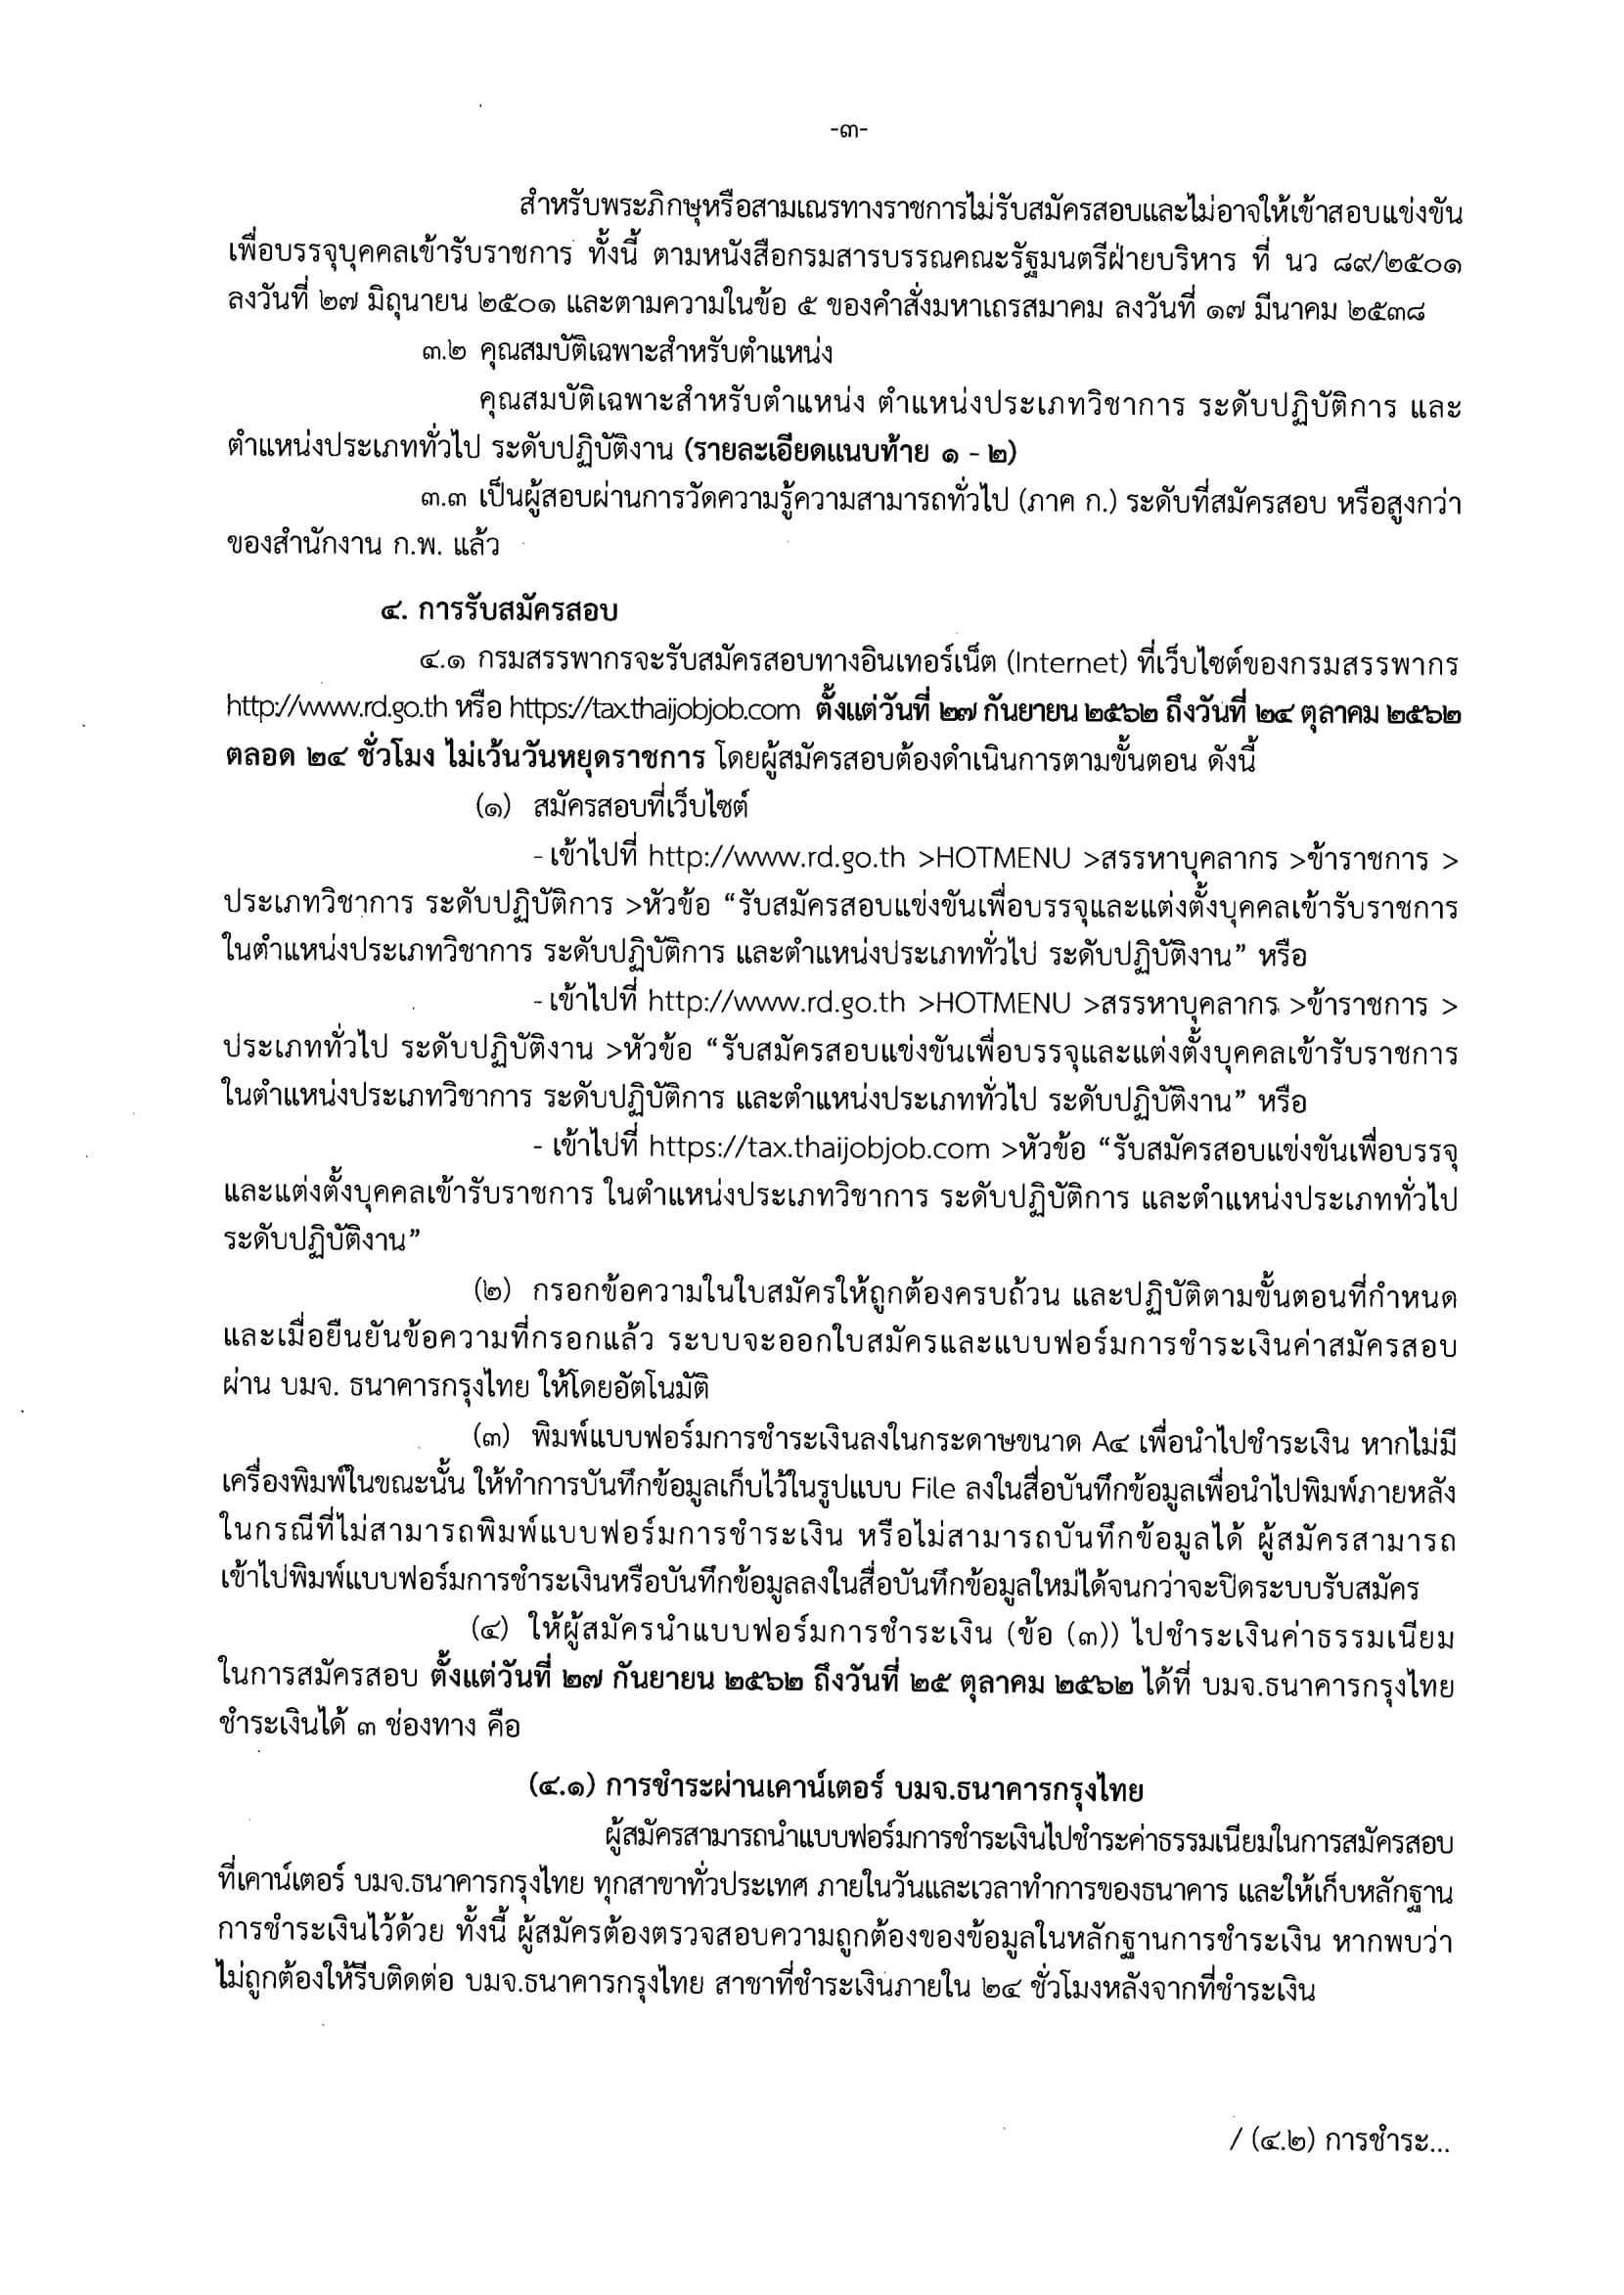 กรมสรรพากร รับสมัครสอบคัดเลือกเข้ารับราชการ ประเภทวิชาการ ปฏิบัติการ ประเภททั่วไป ปฏิบัติงาน สมัครออนไลน์ 27 ก.ย. - 24 ต.ค. 2562